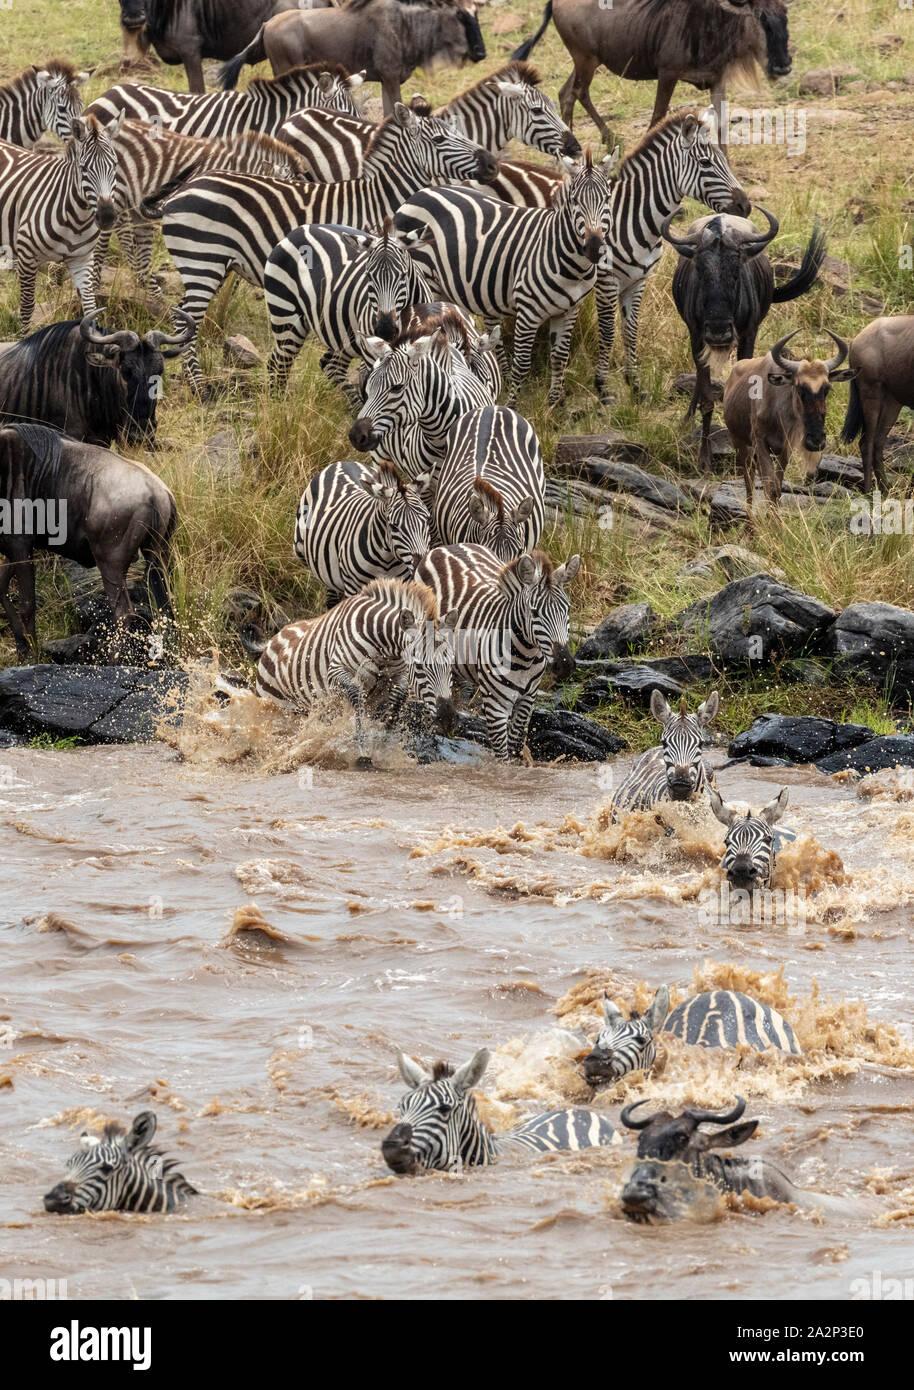 Las cebras y los ñus cruzando el río Mara durante la migración anual, el Masai Mara, Kenya Foto de stock